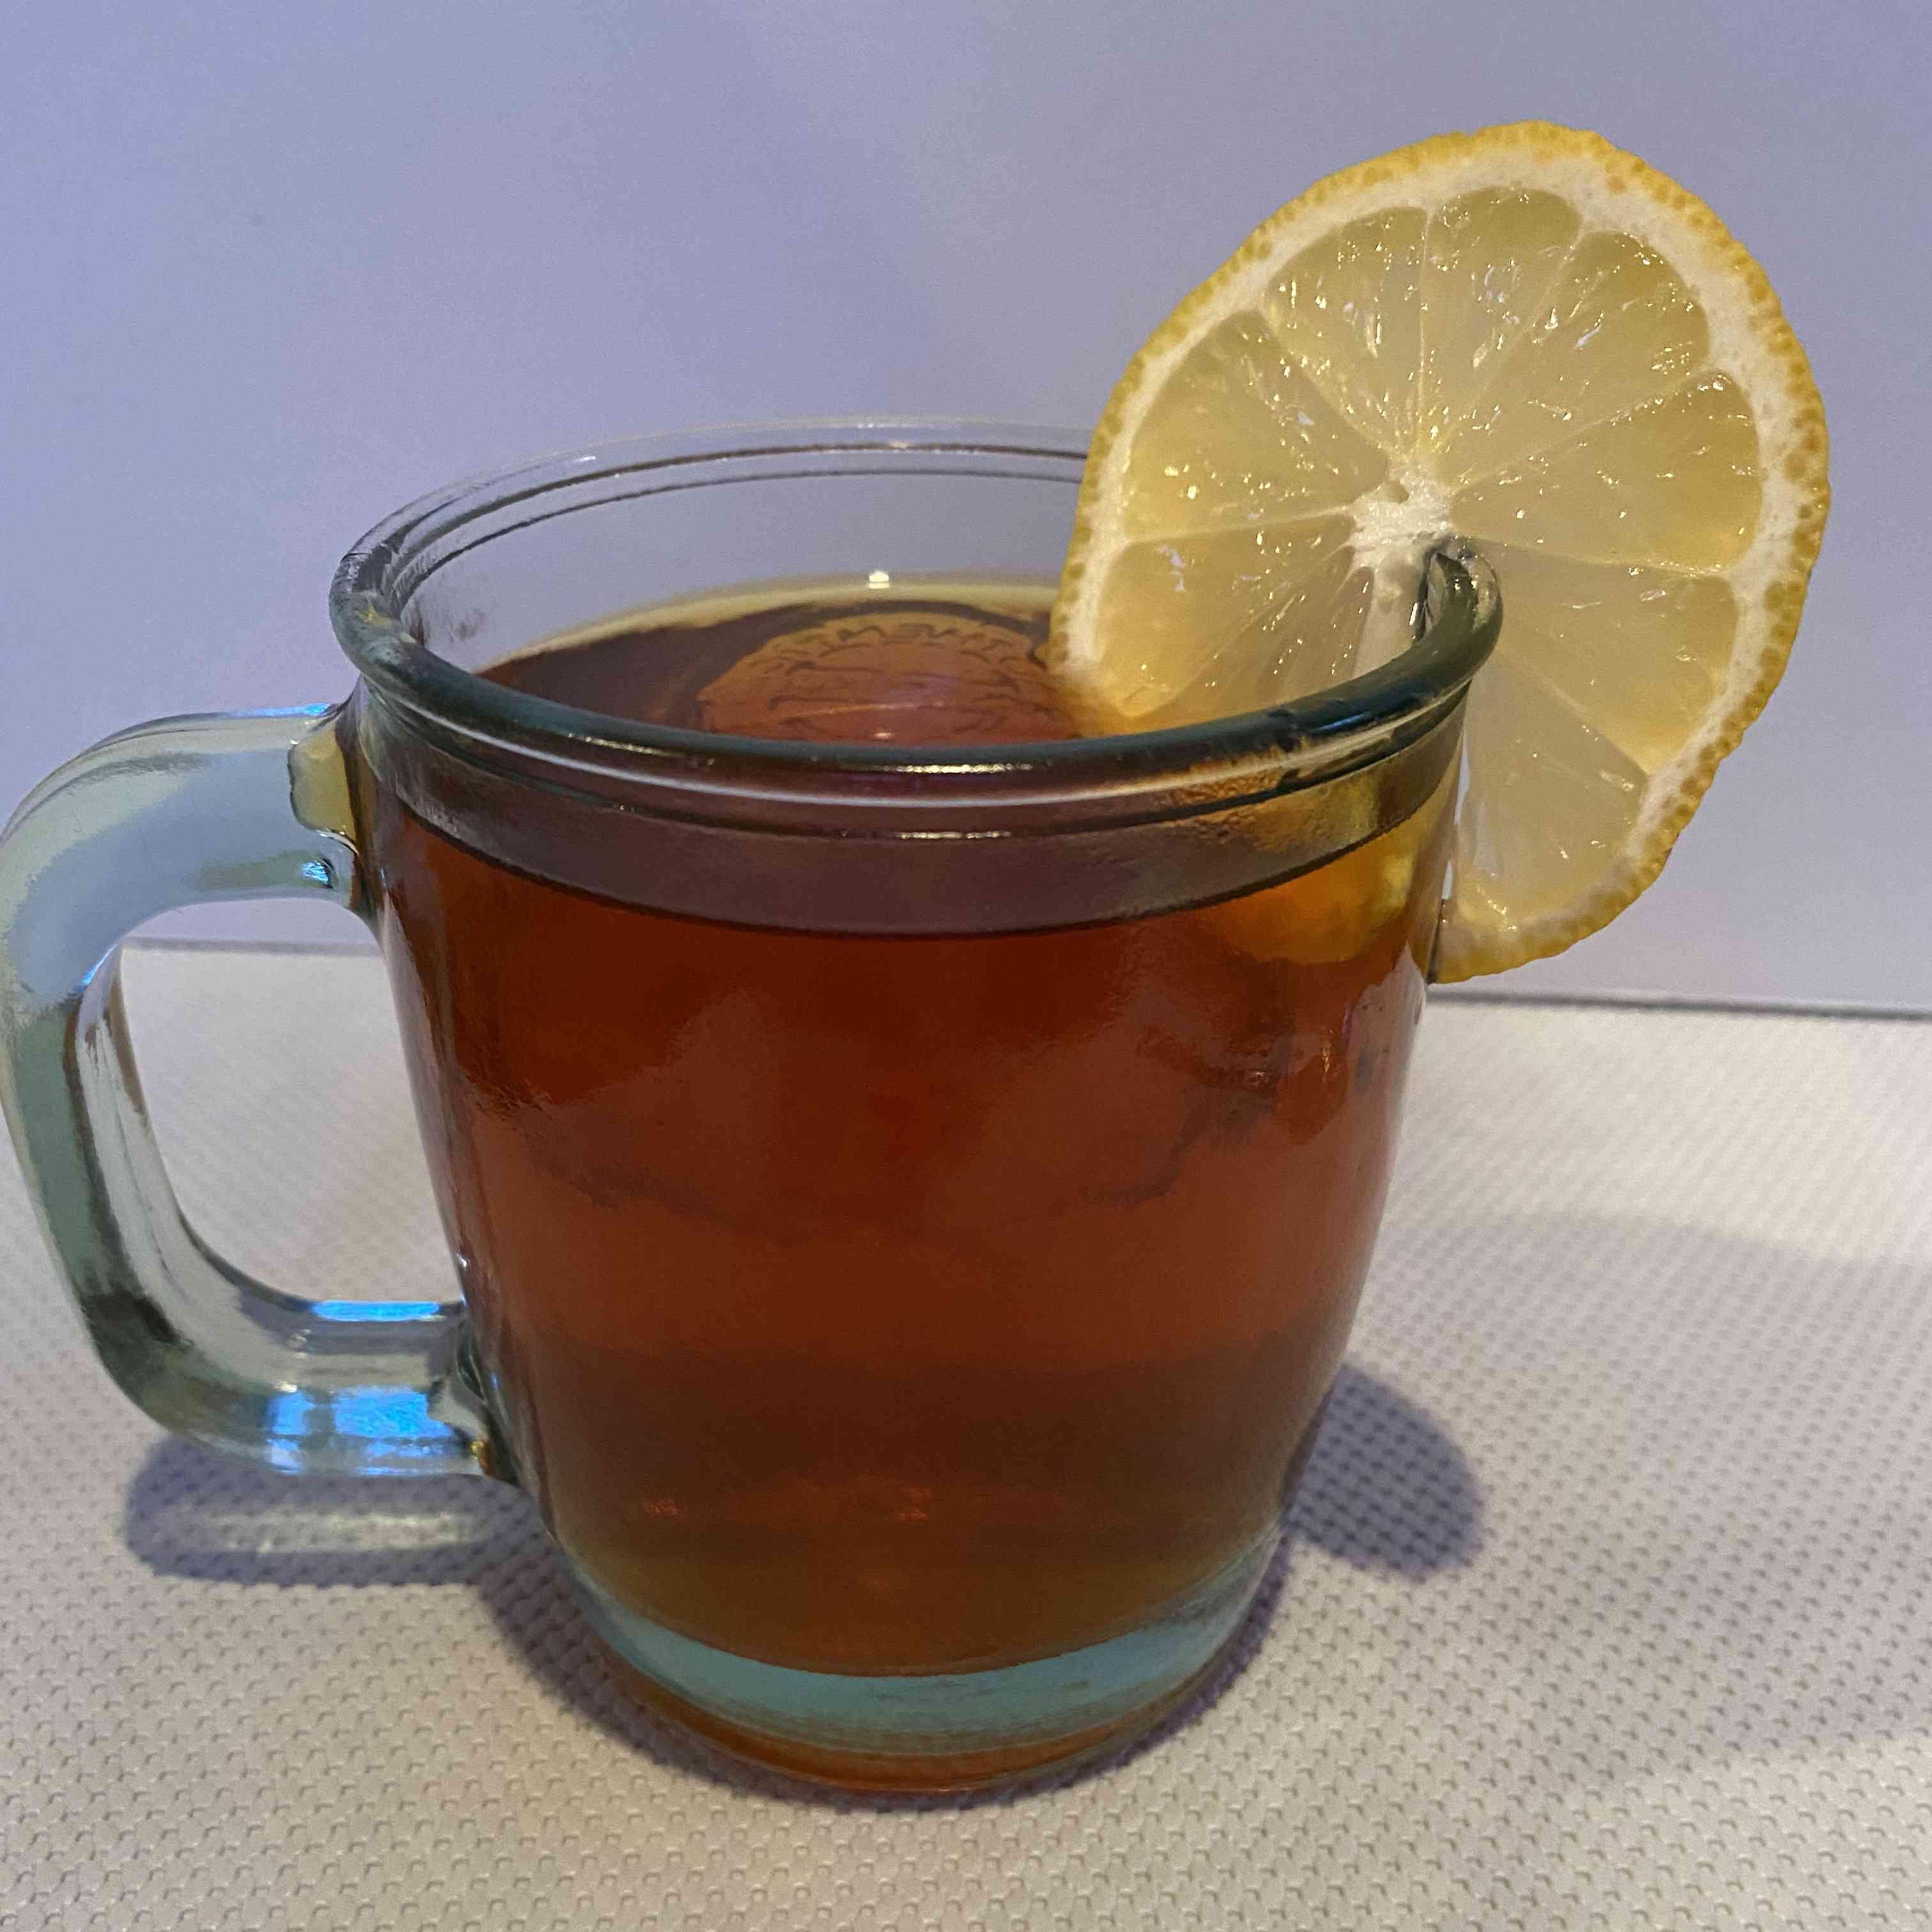 Simple Middle Eastern Lemon Tea Test Image